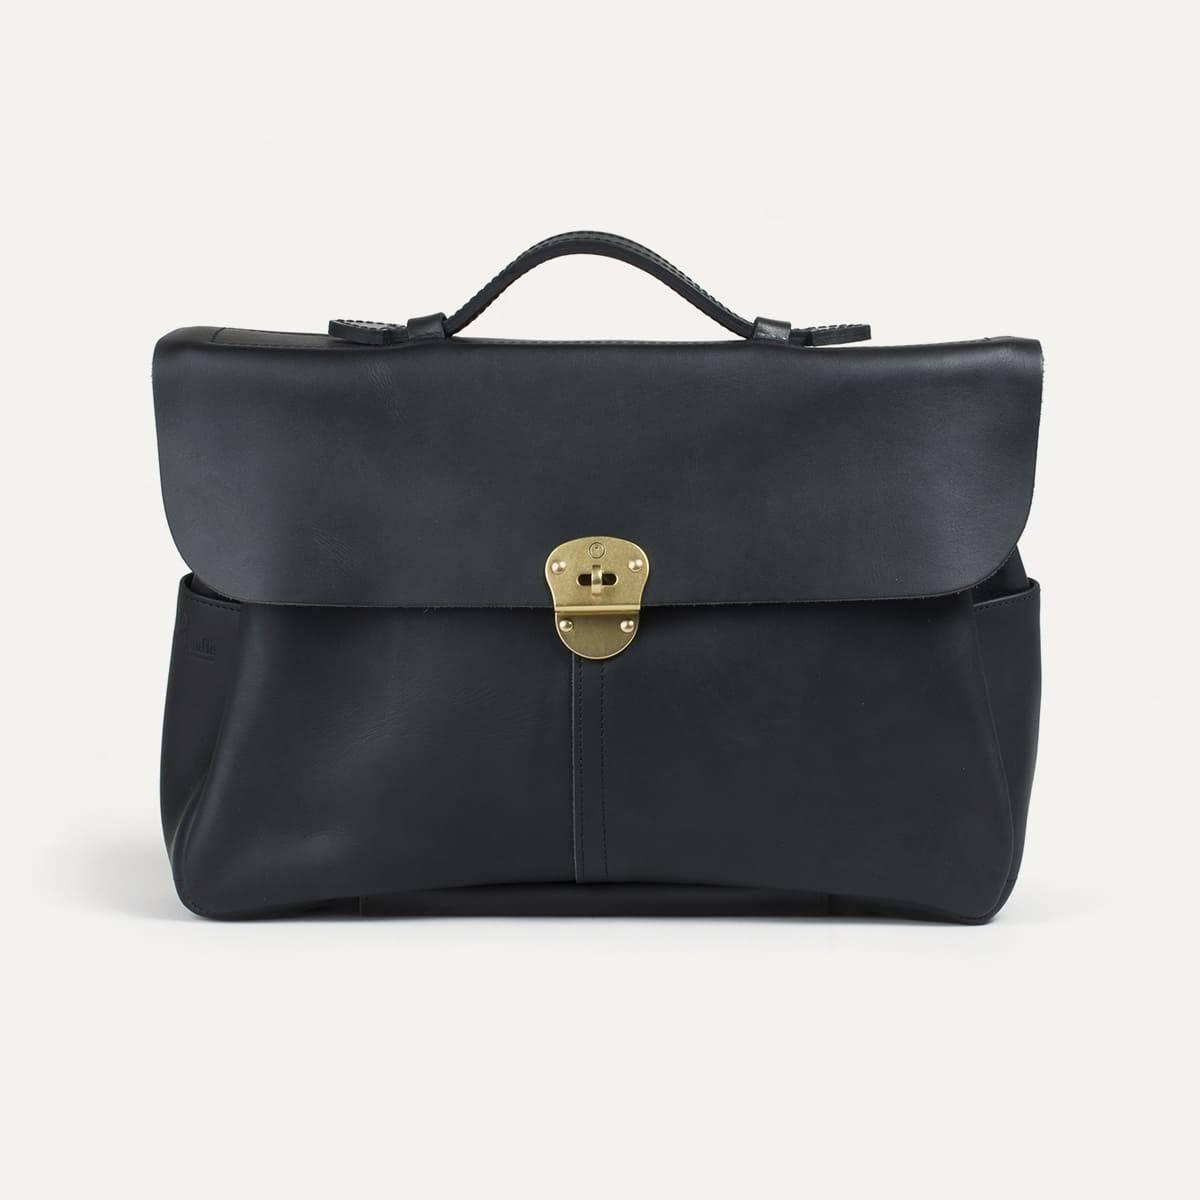 Hank bag - Black (image n°1)